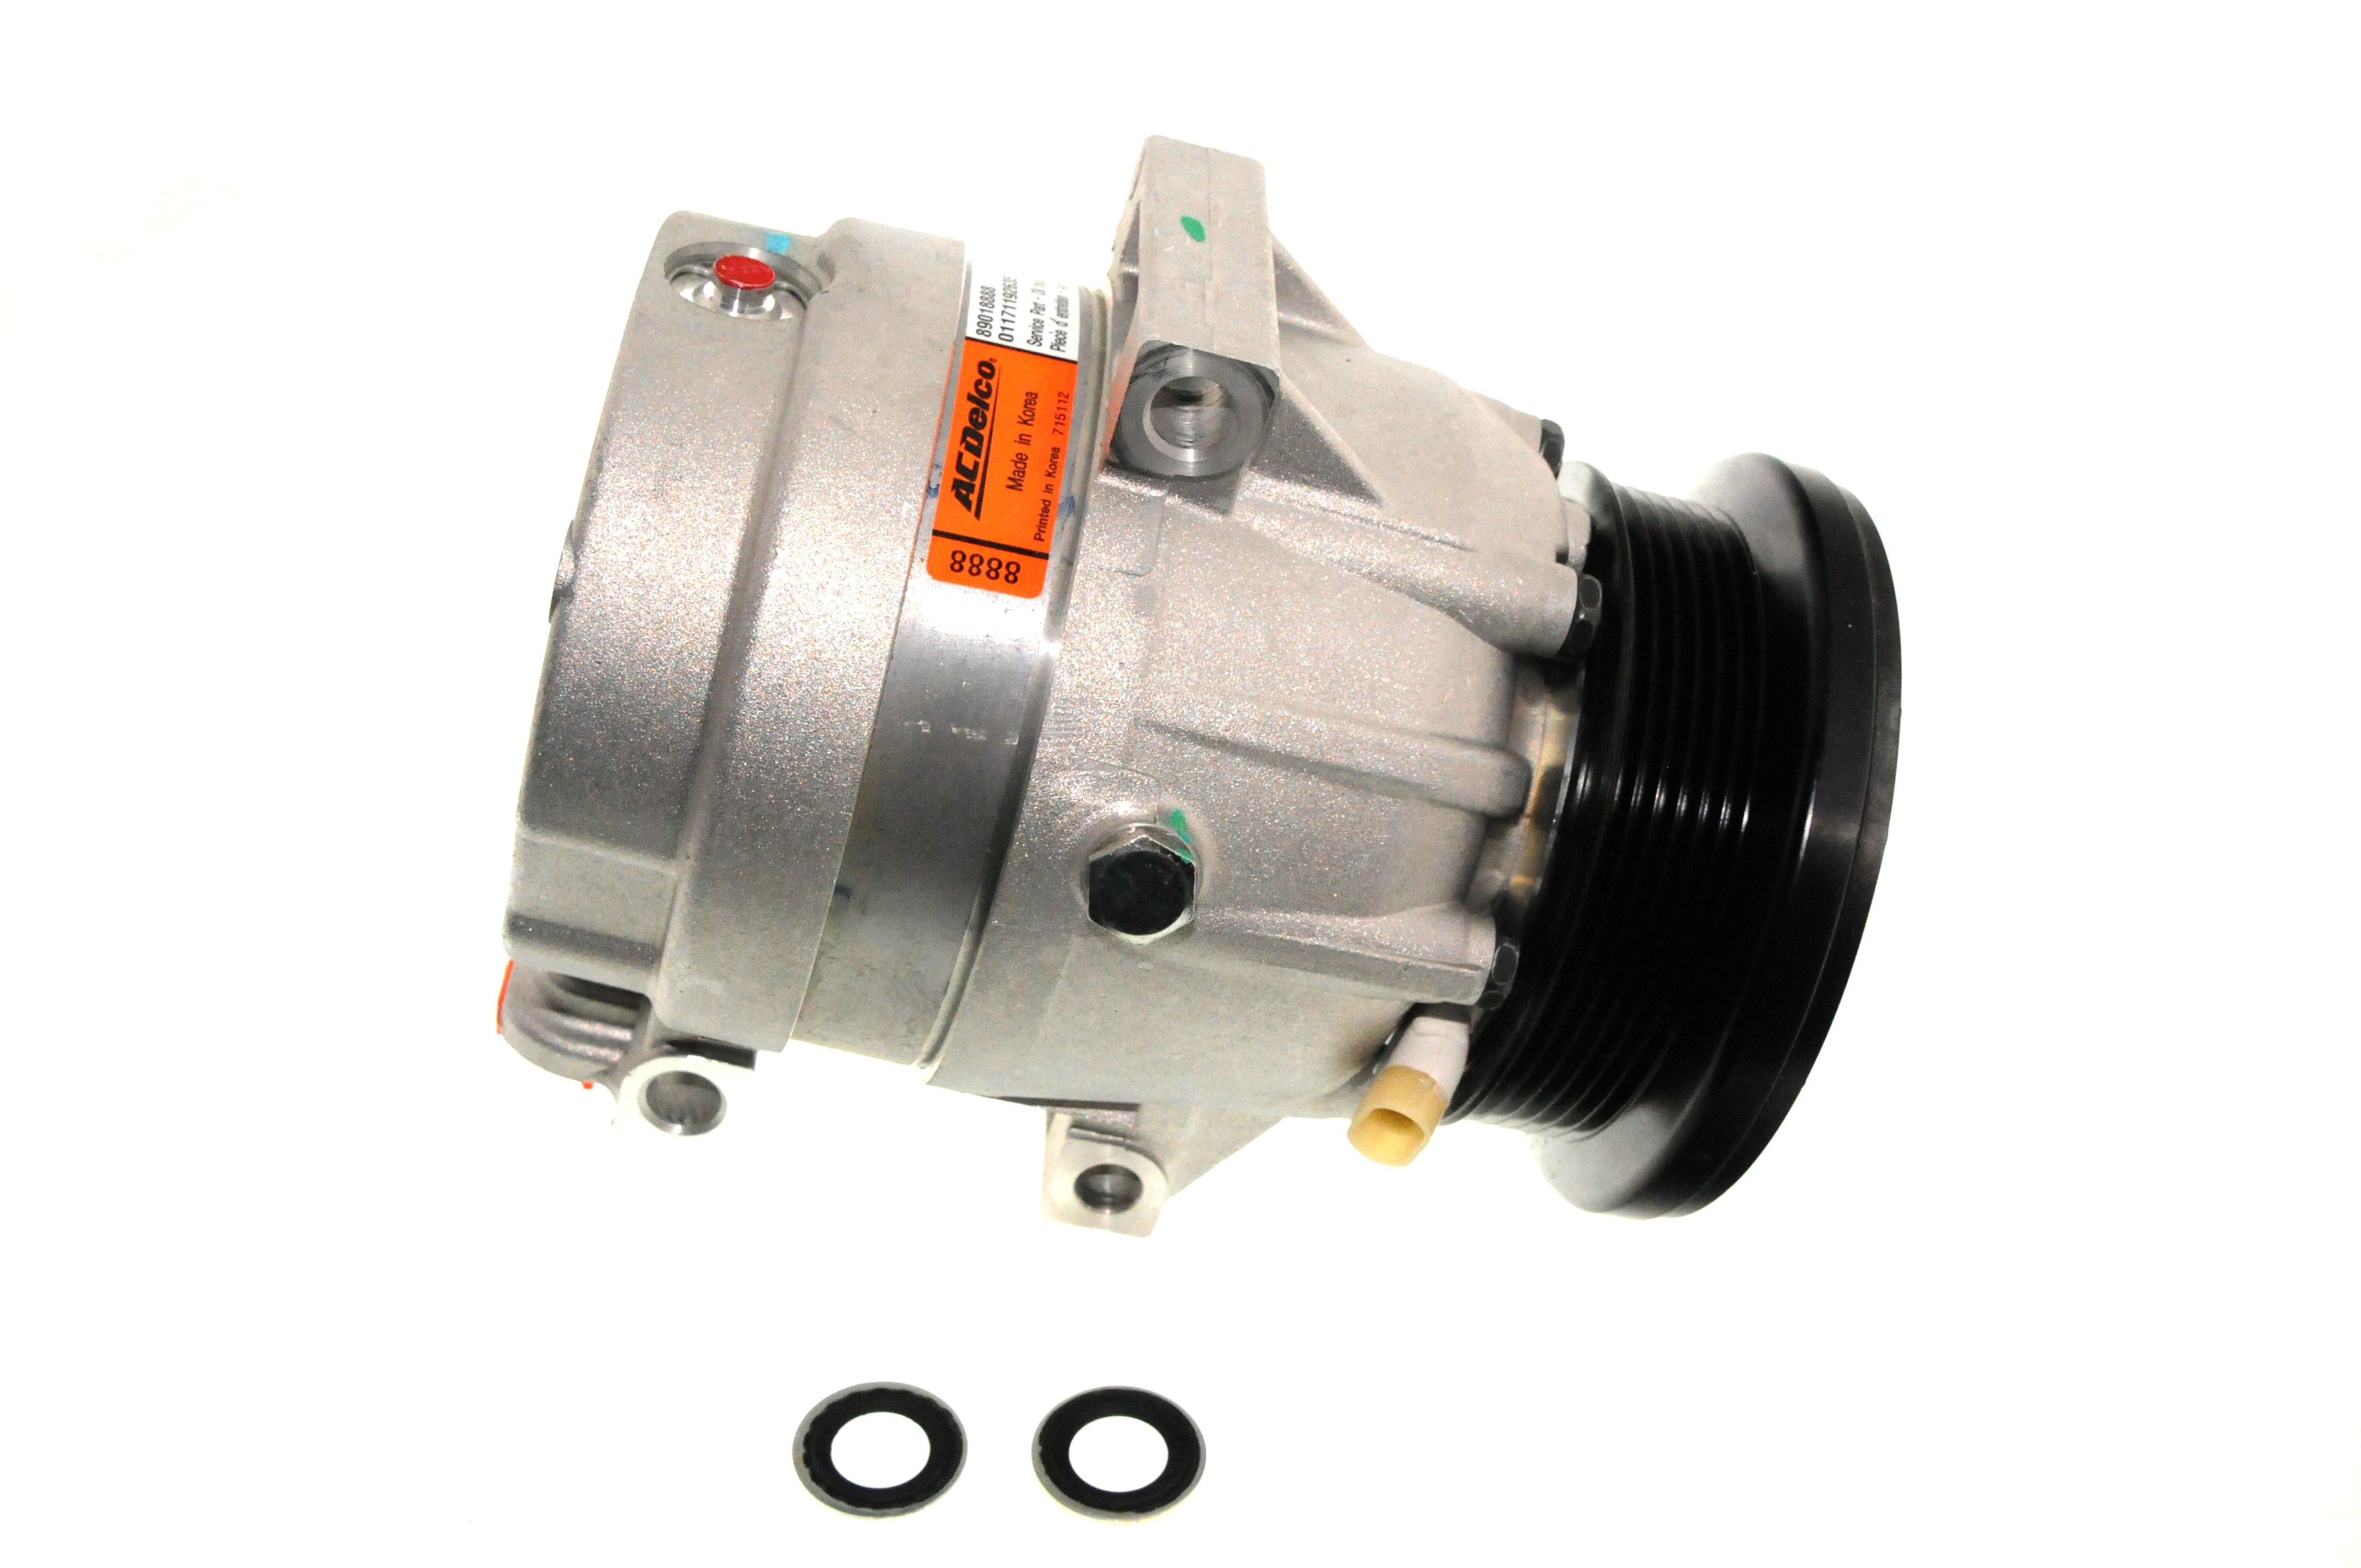 ACDELCO GM ORIGINAL EQUIPMENT - A/C Compressor - DCB 15-21720